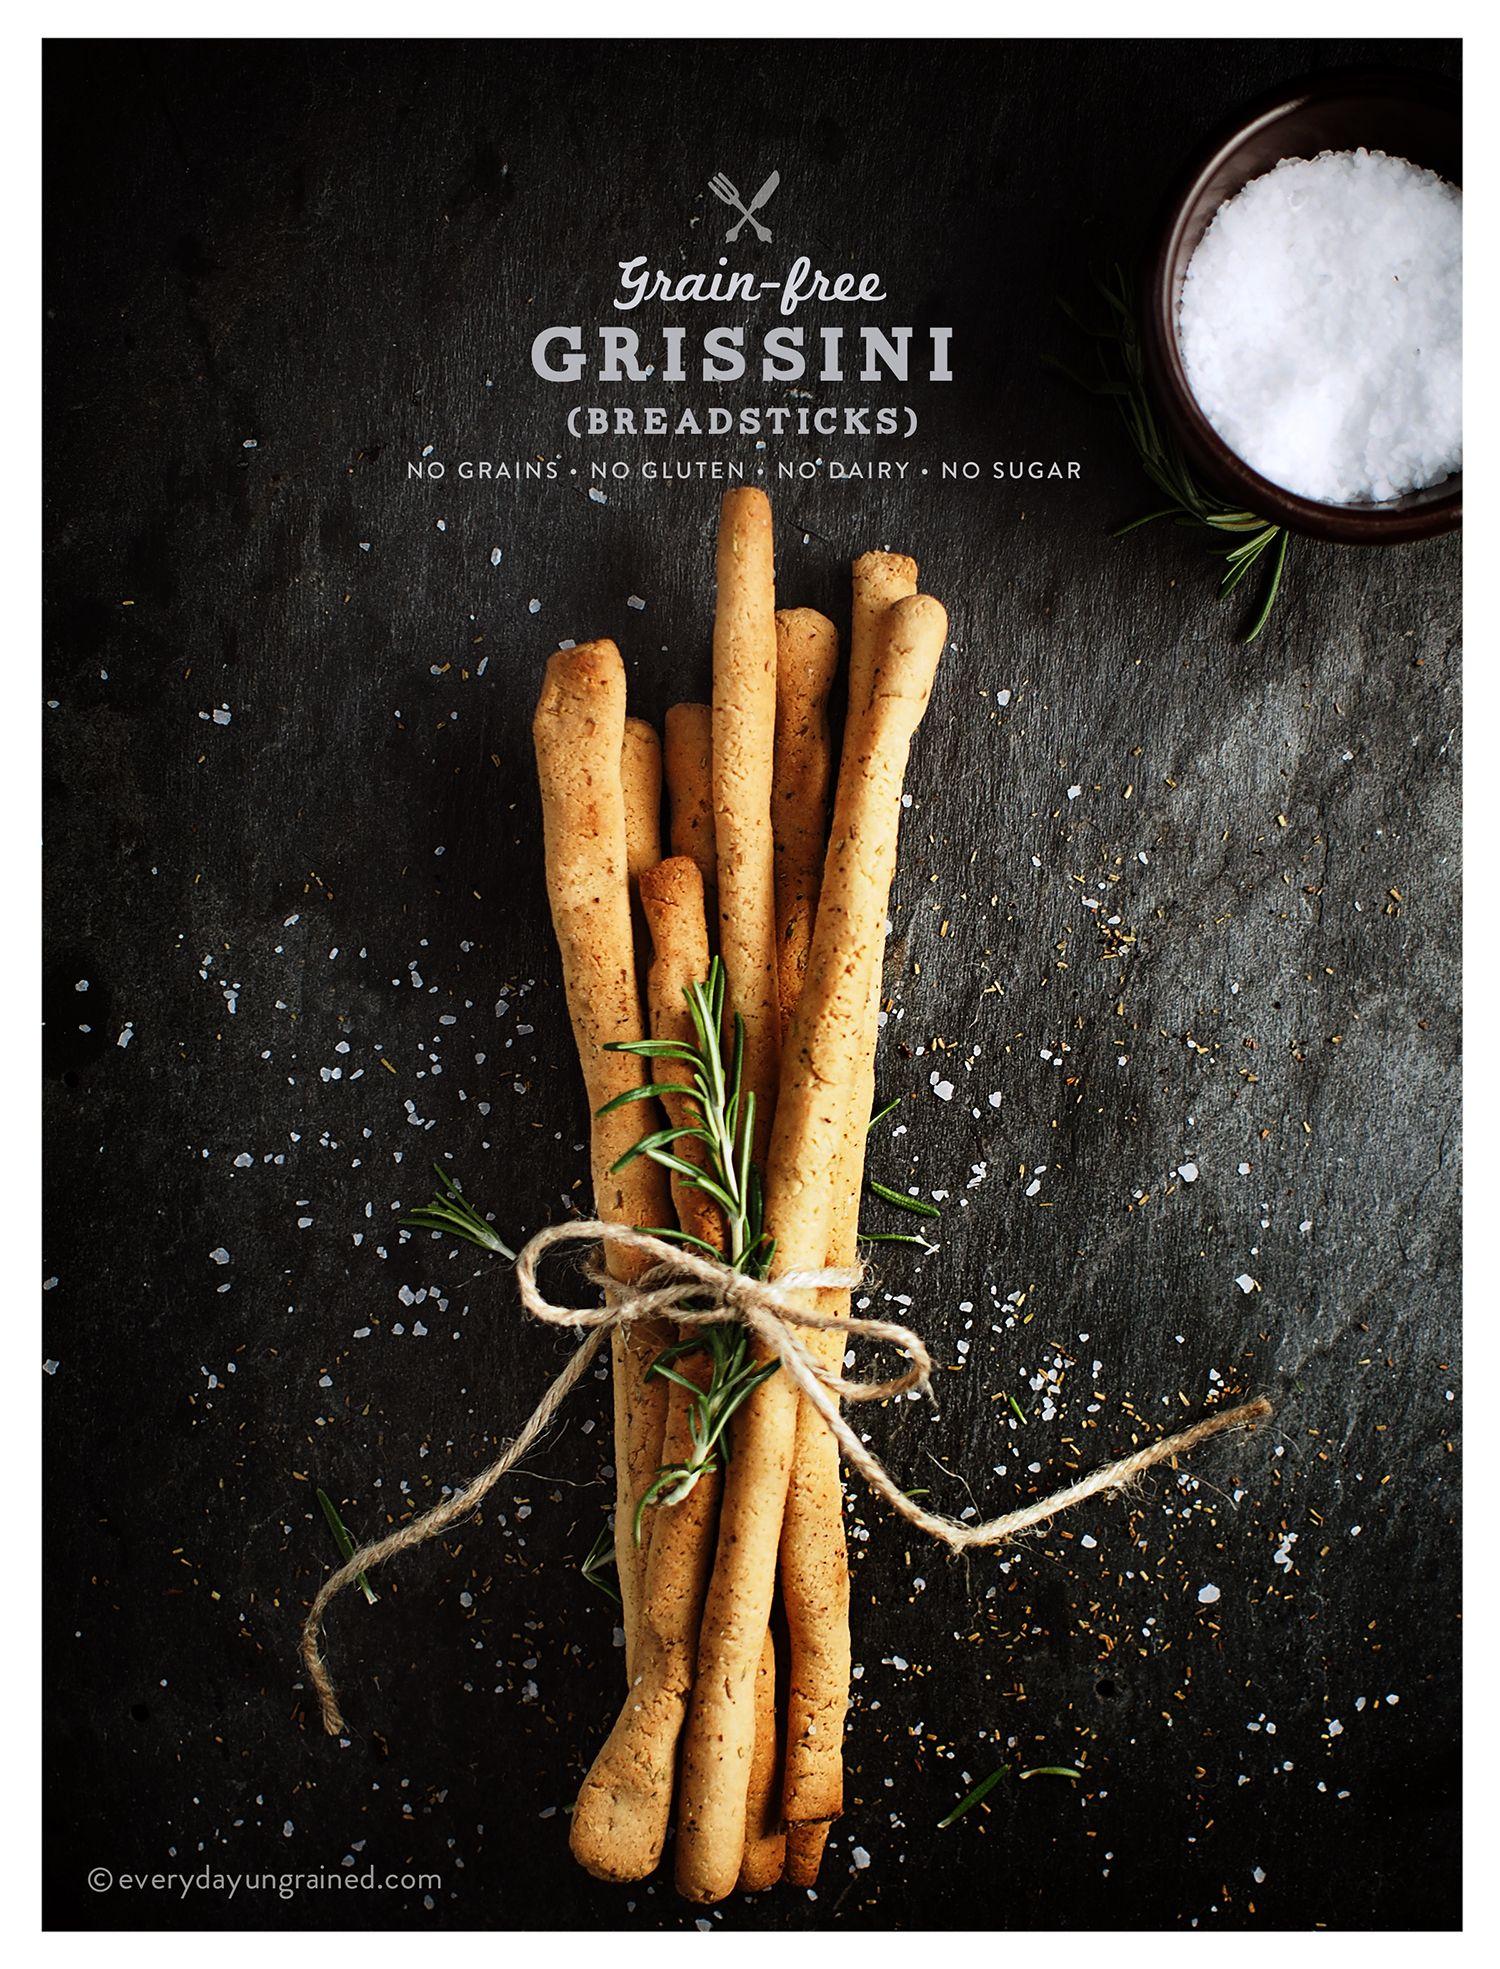 Grainfree Grissini (Breadsticks) Breadsticks, Grain